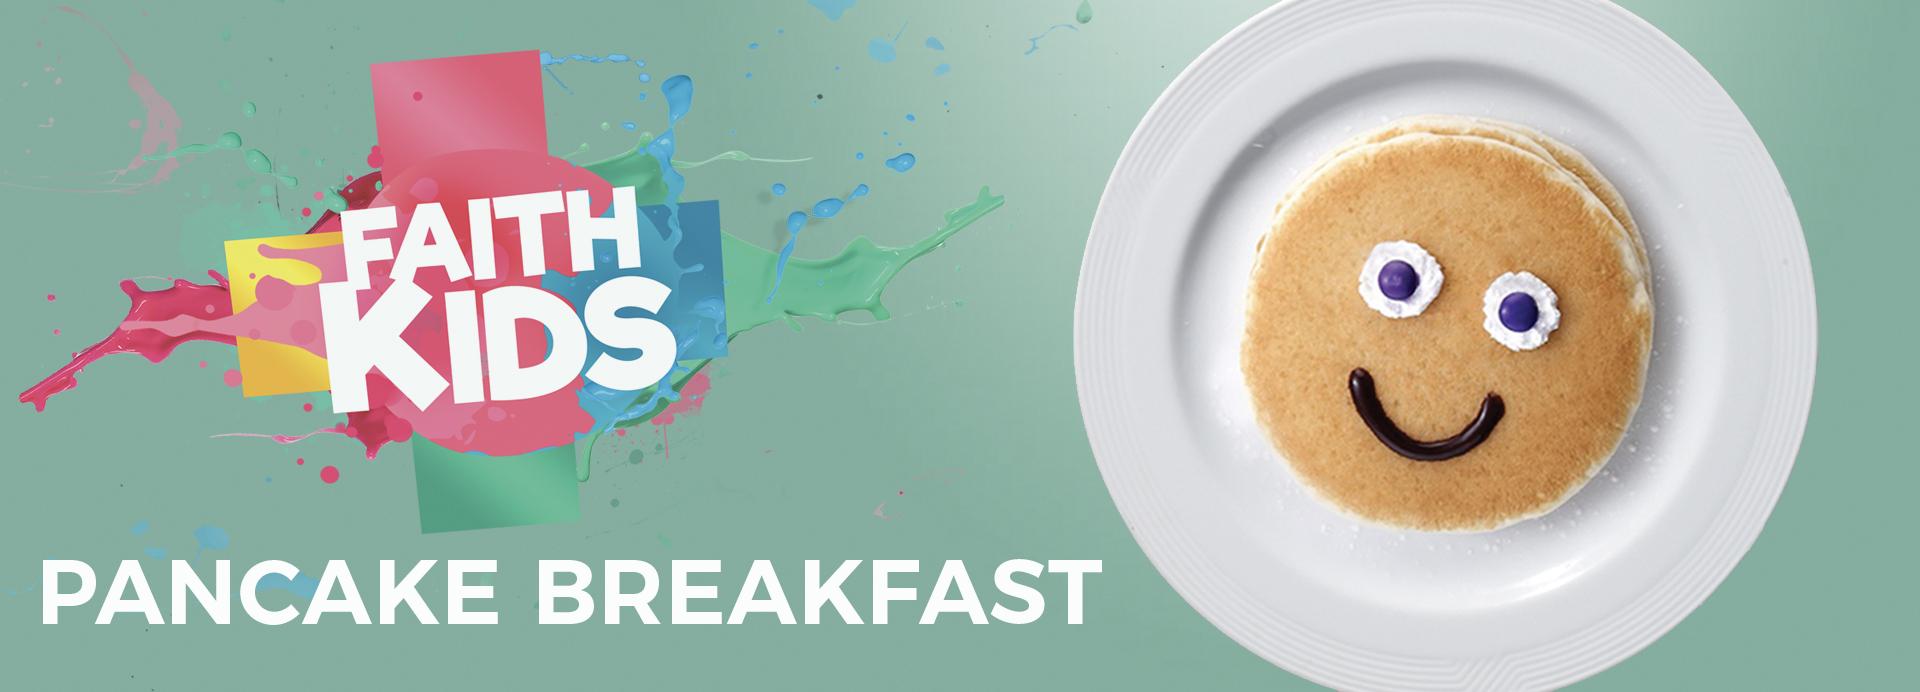 1920x692 pancake breakfast.jpg